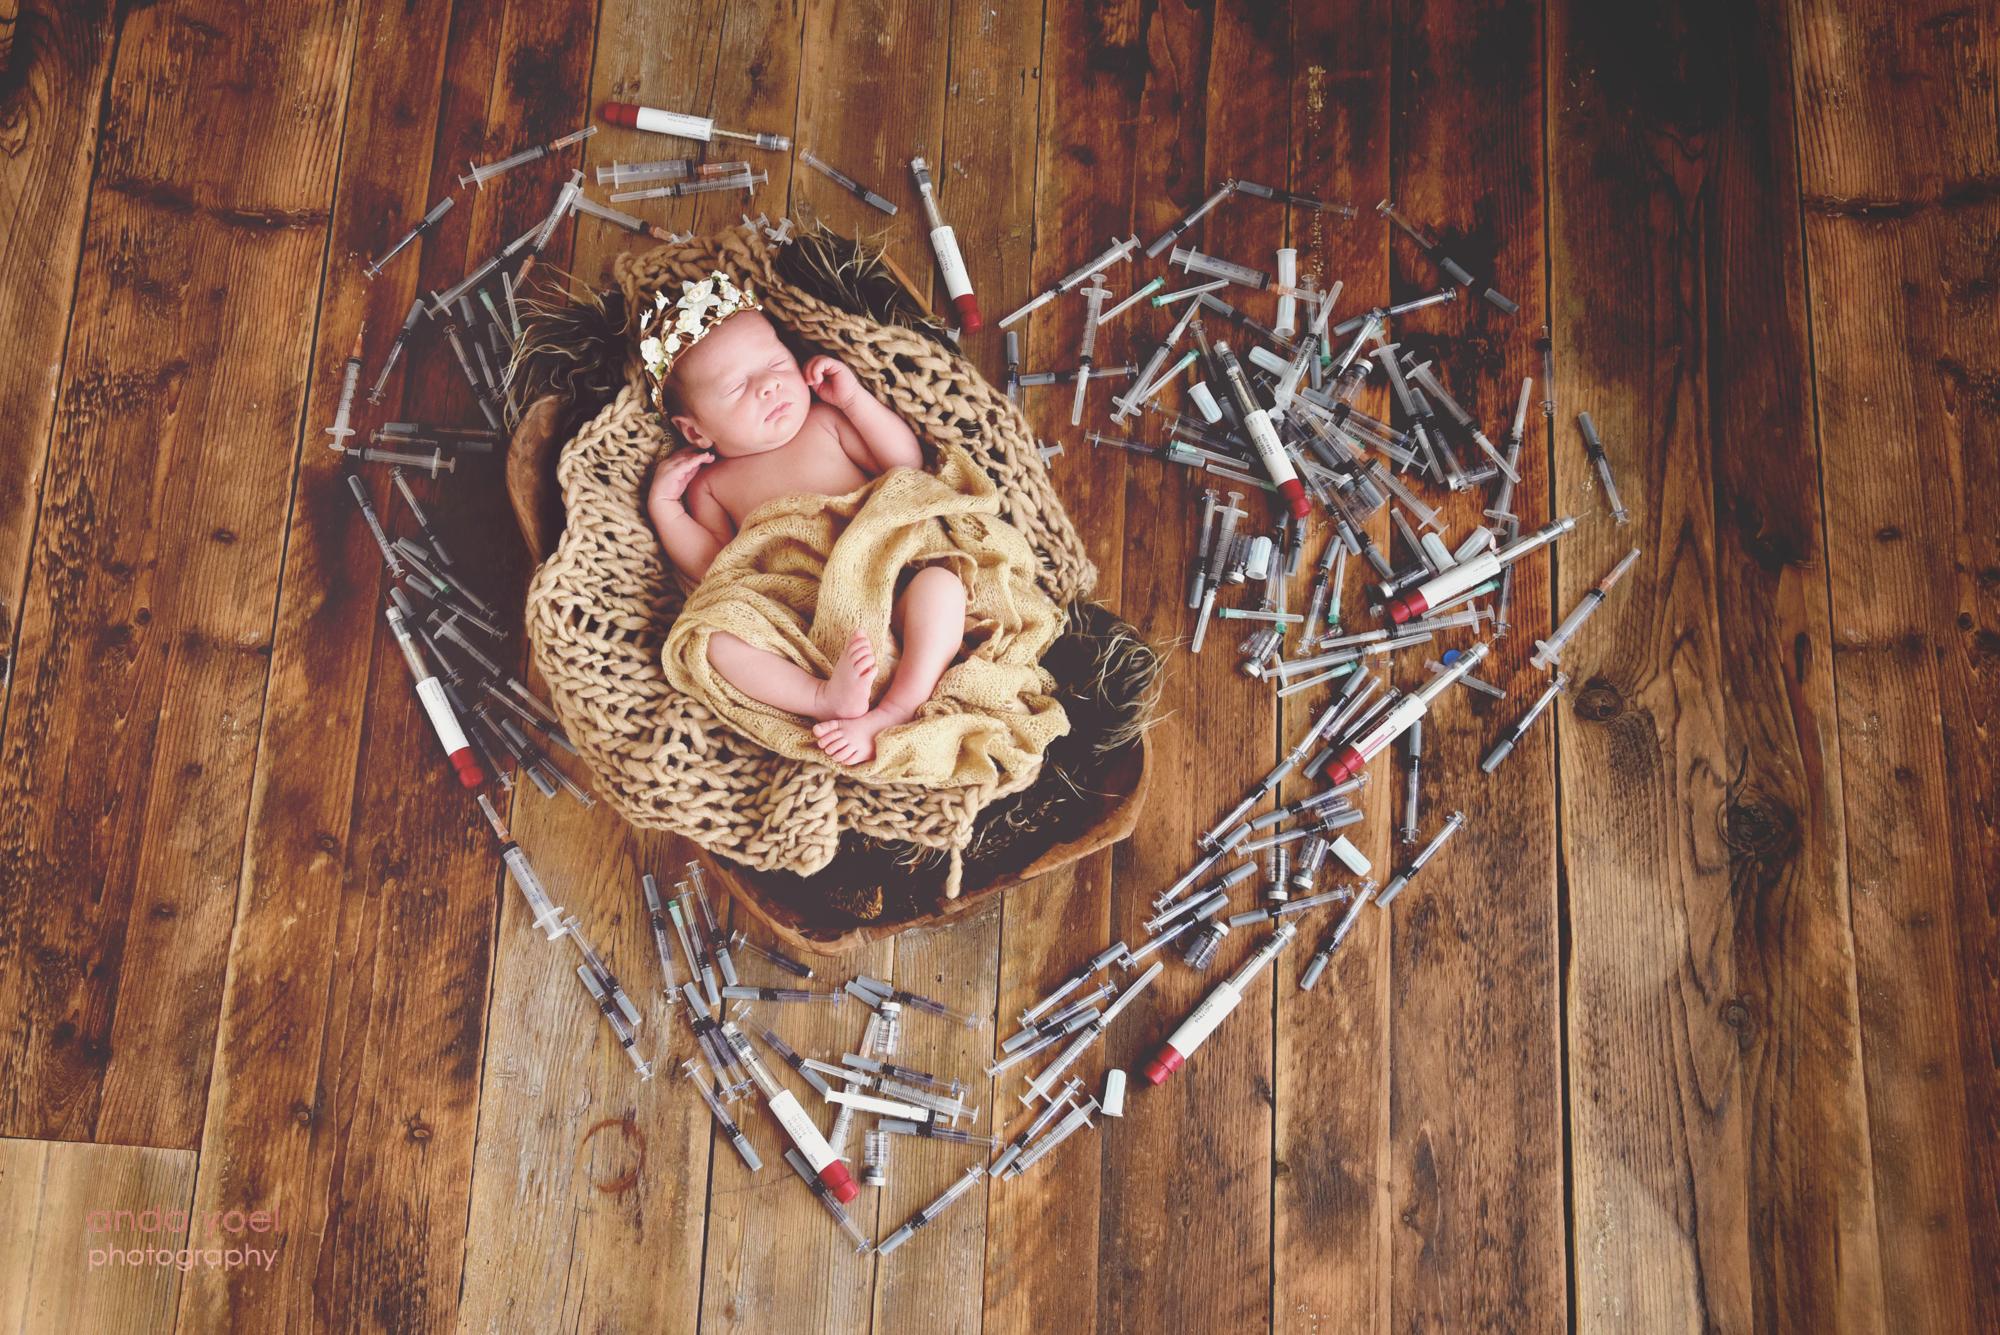 תינוקת ניובורן שנולדה לאחר טיפולי פוריות ישנה בתוך סריג חום ליד מזרקי טיפולי הפוריות - צילום אנדה יואל